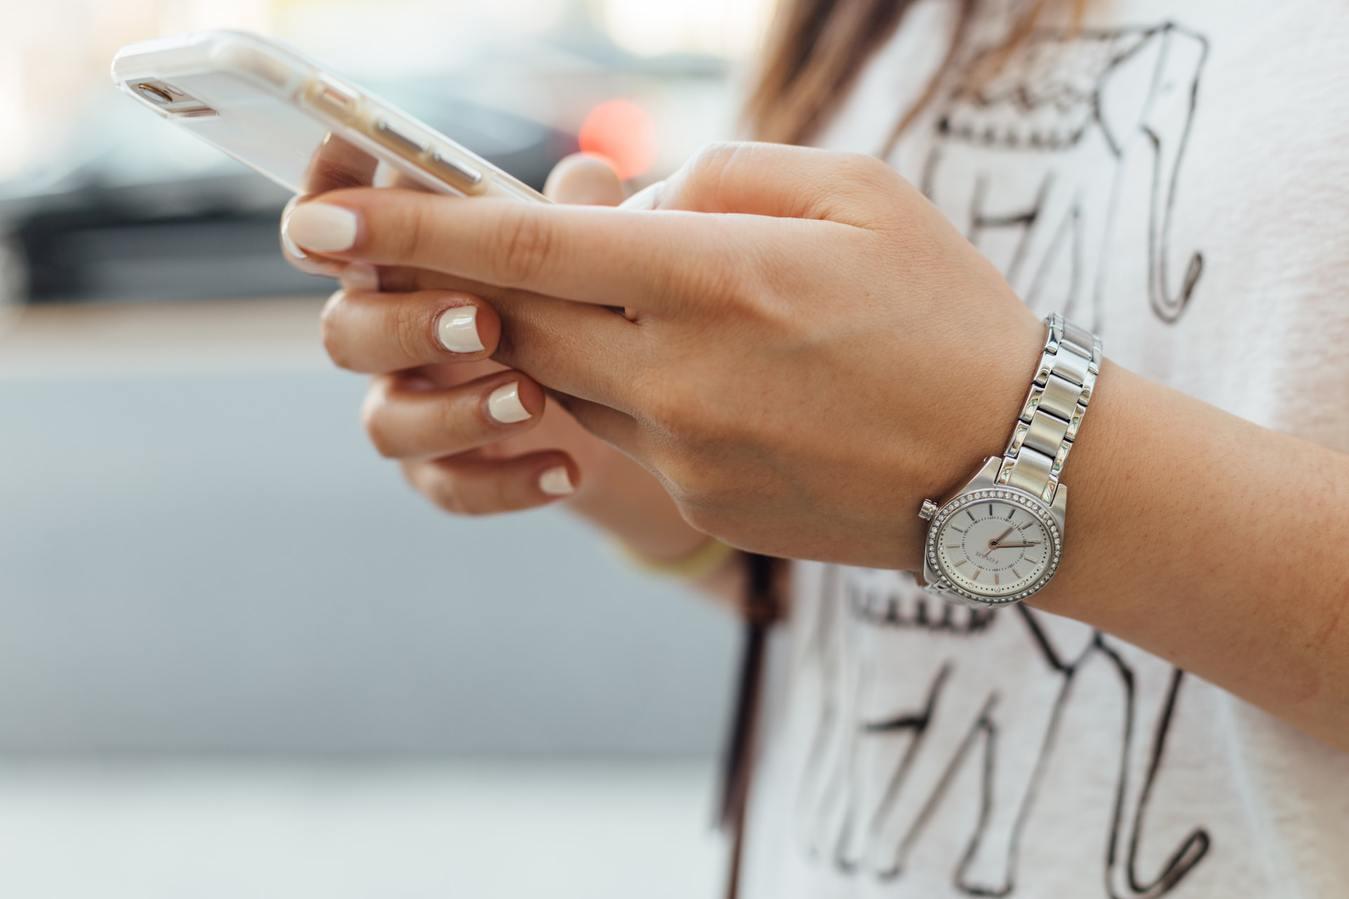 Mulher segurando celular, braço com relógio